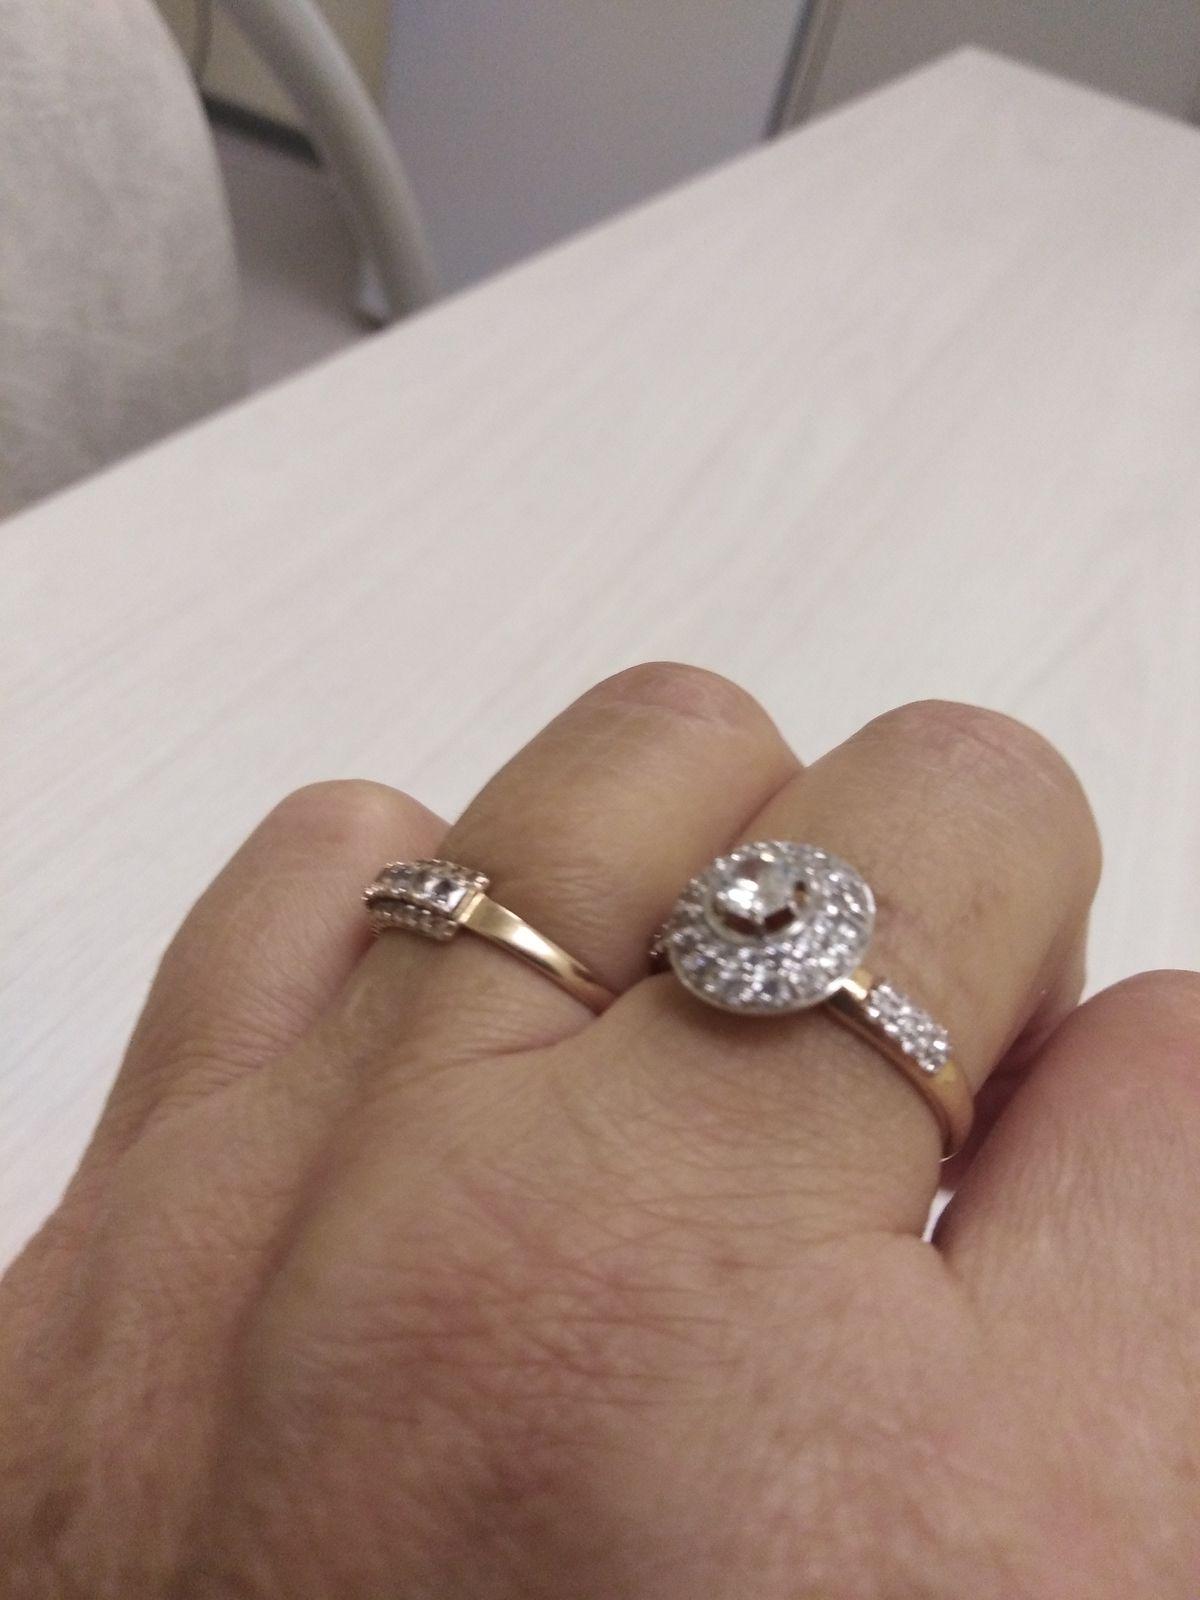 Кольцо красивое, но цвет металла жёлтый, отличается от всех других колец.